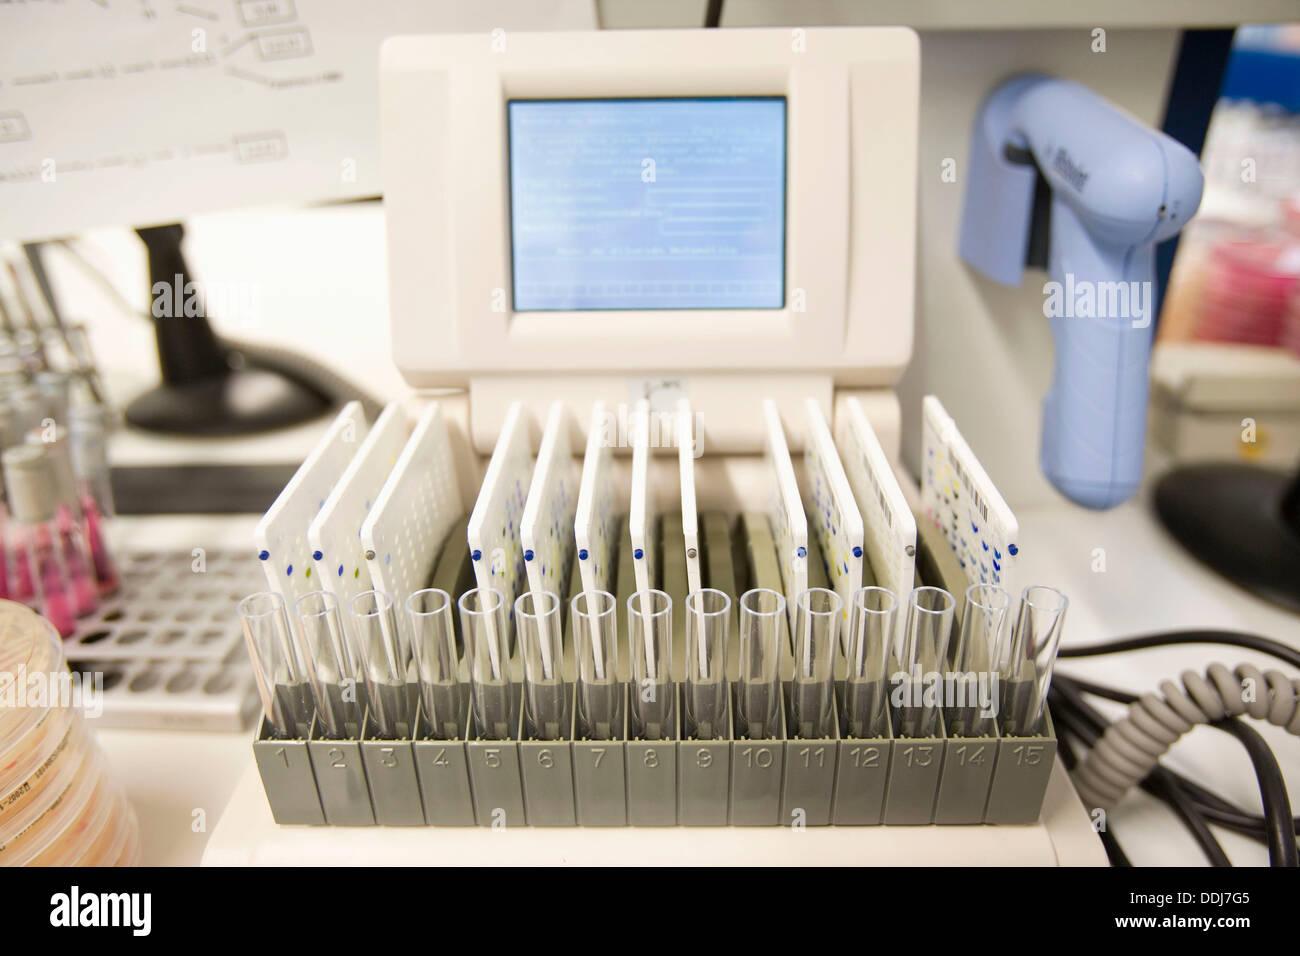 VITEK automated bacteriology system, Laboratory of Diagnosis, Departamento de Producción y Sanidad Animal, Neiker Tecnalia, - Stock Image